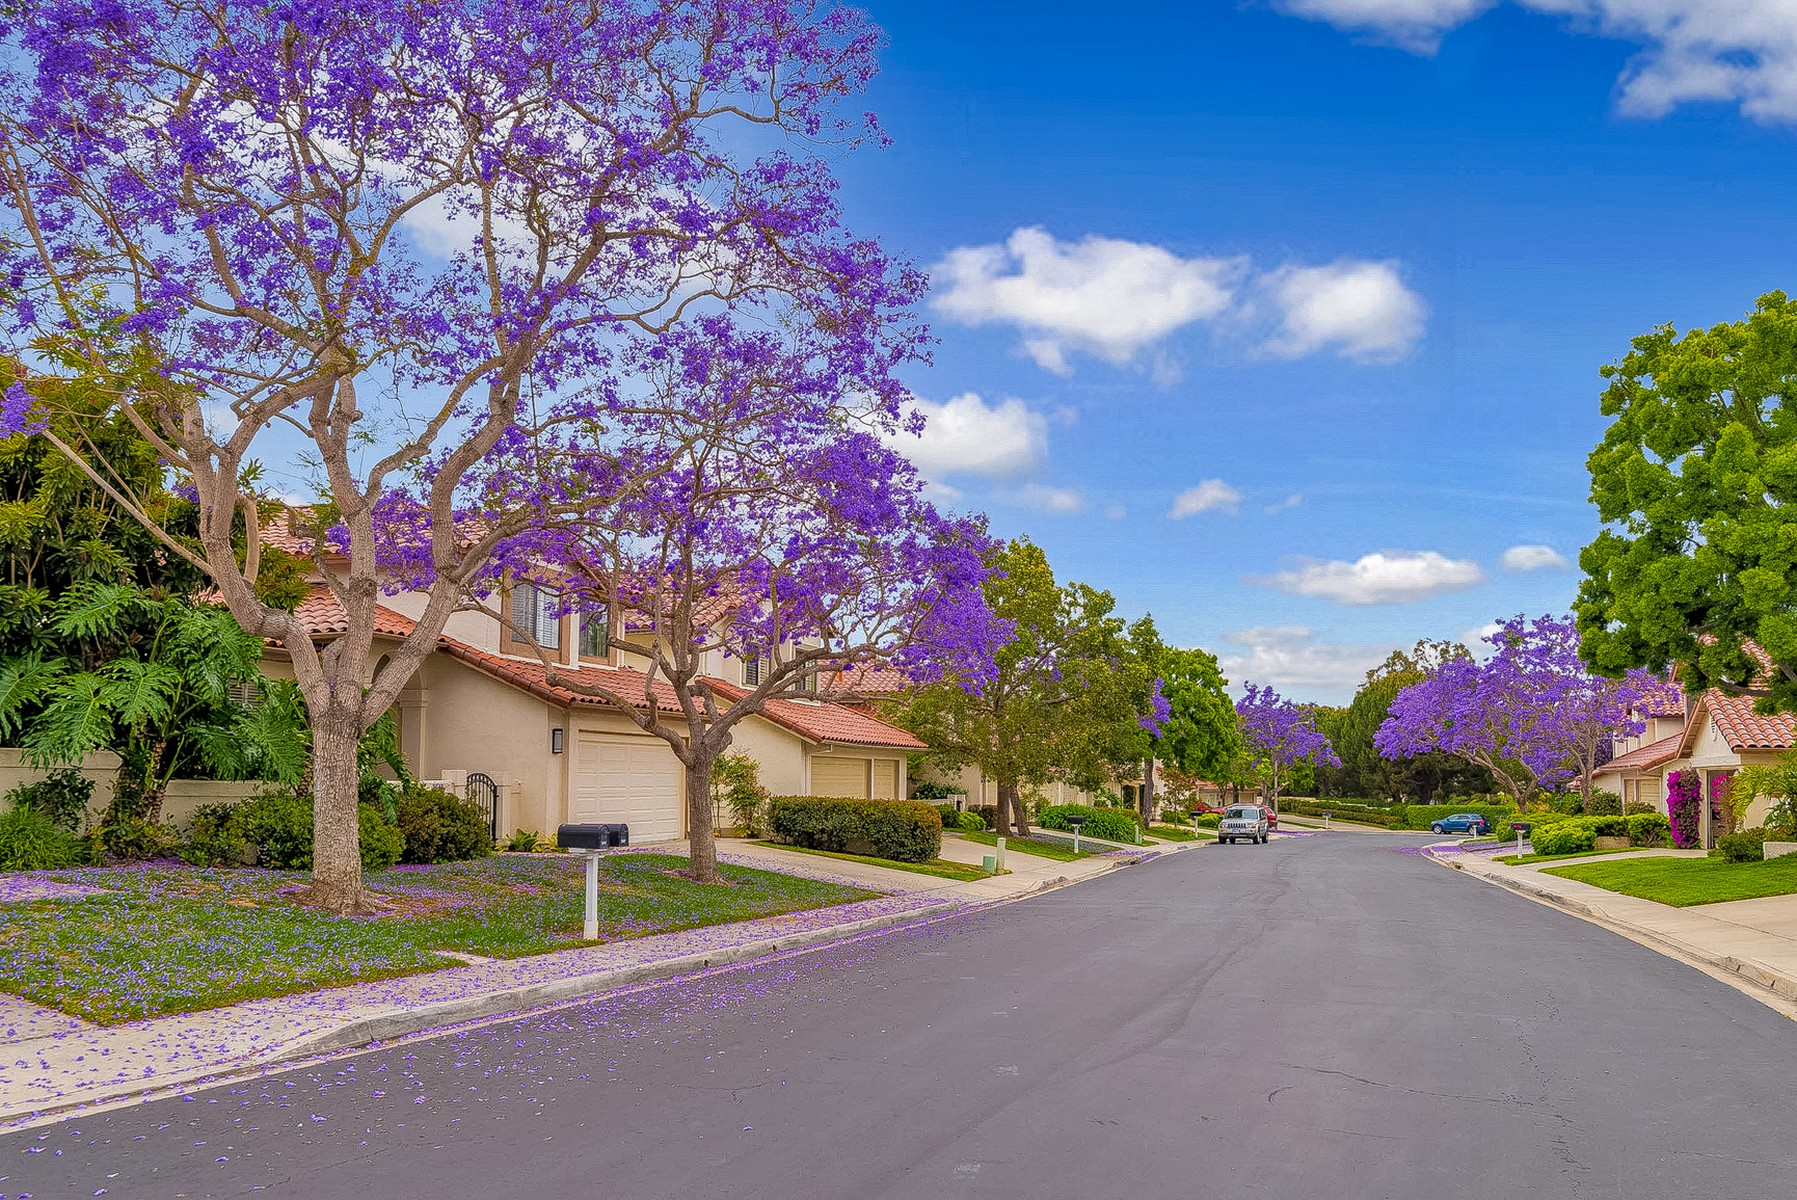 独户住宅 为 销售 在 4026 Caminito Cassis 圣地亚哥, 加利福尼亚州, 92122 美国